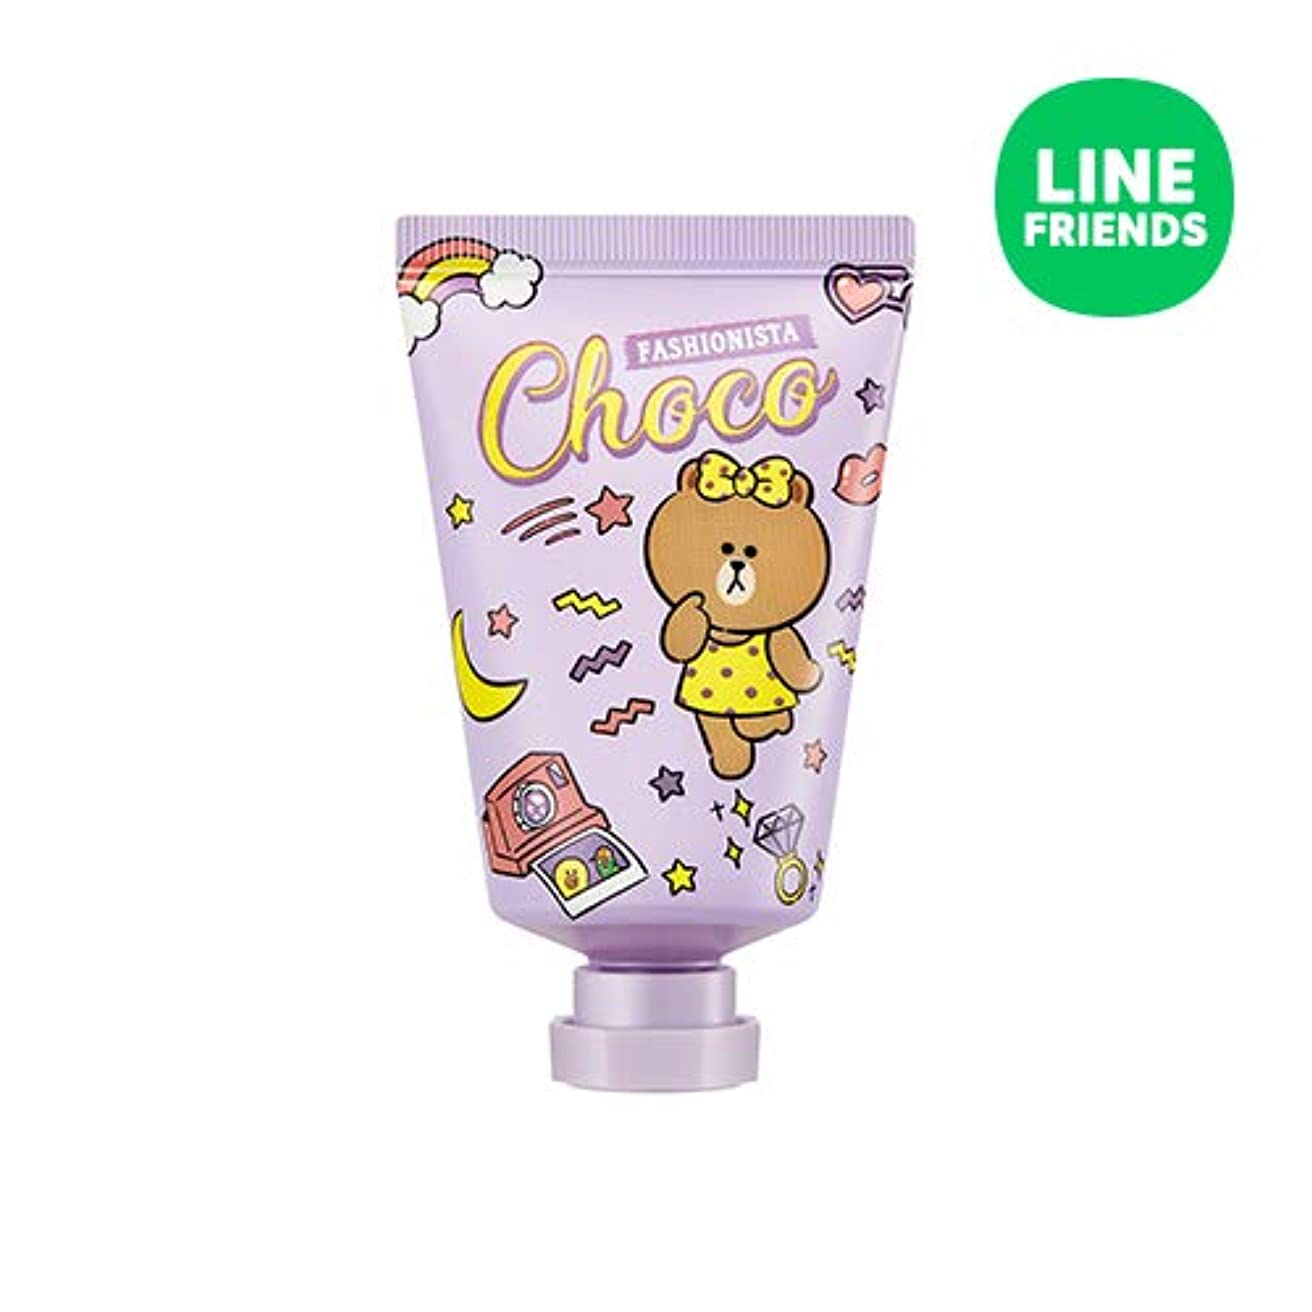 祭りバラエティパンフレットミシャ(ラインフレンズ)ラブシークレットハンドクリーム 30ml MISSHA [Line Friends Edition] Love Secret Hand Cream - Choco # Pitch Cocktail...